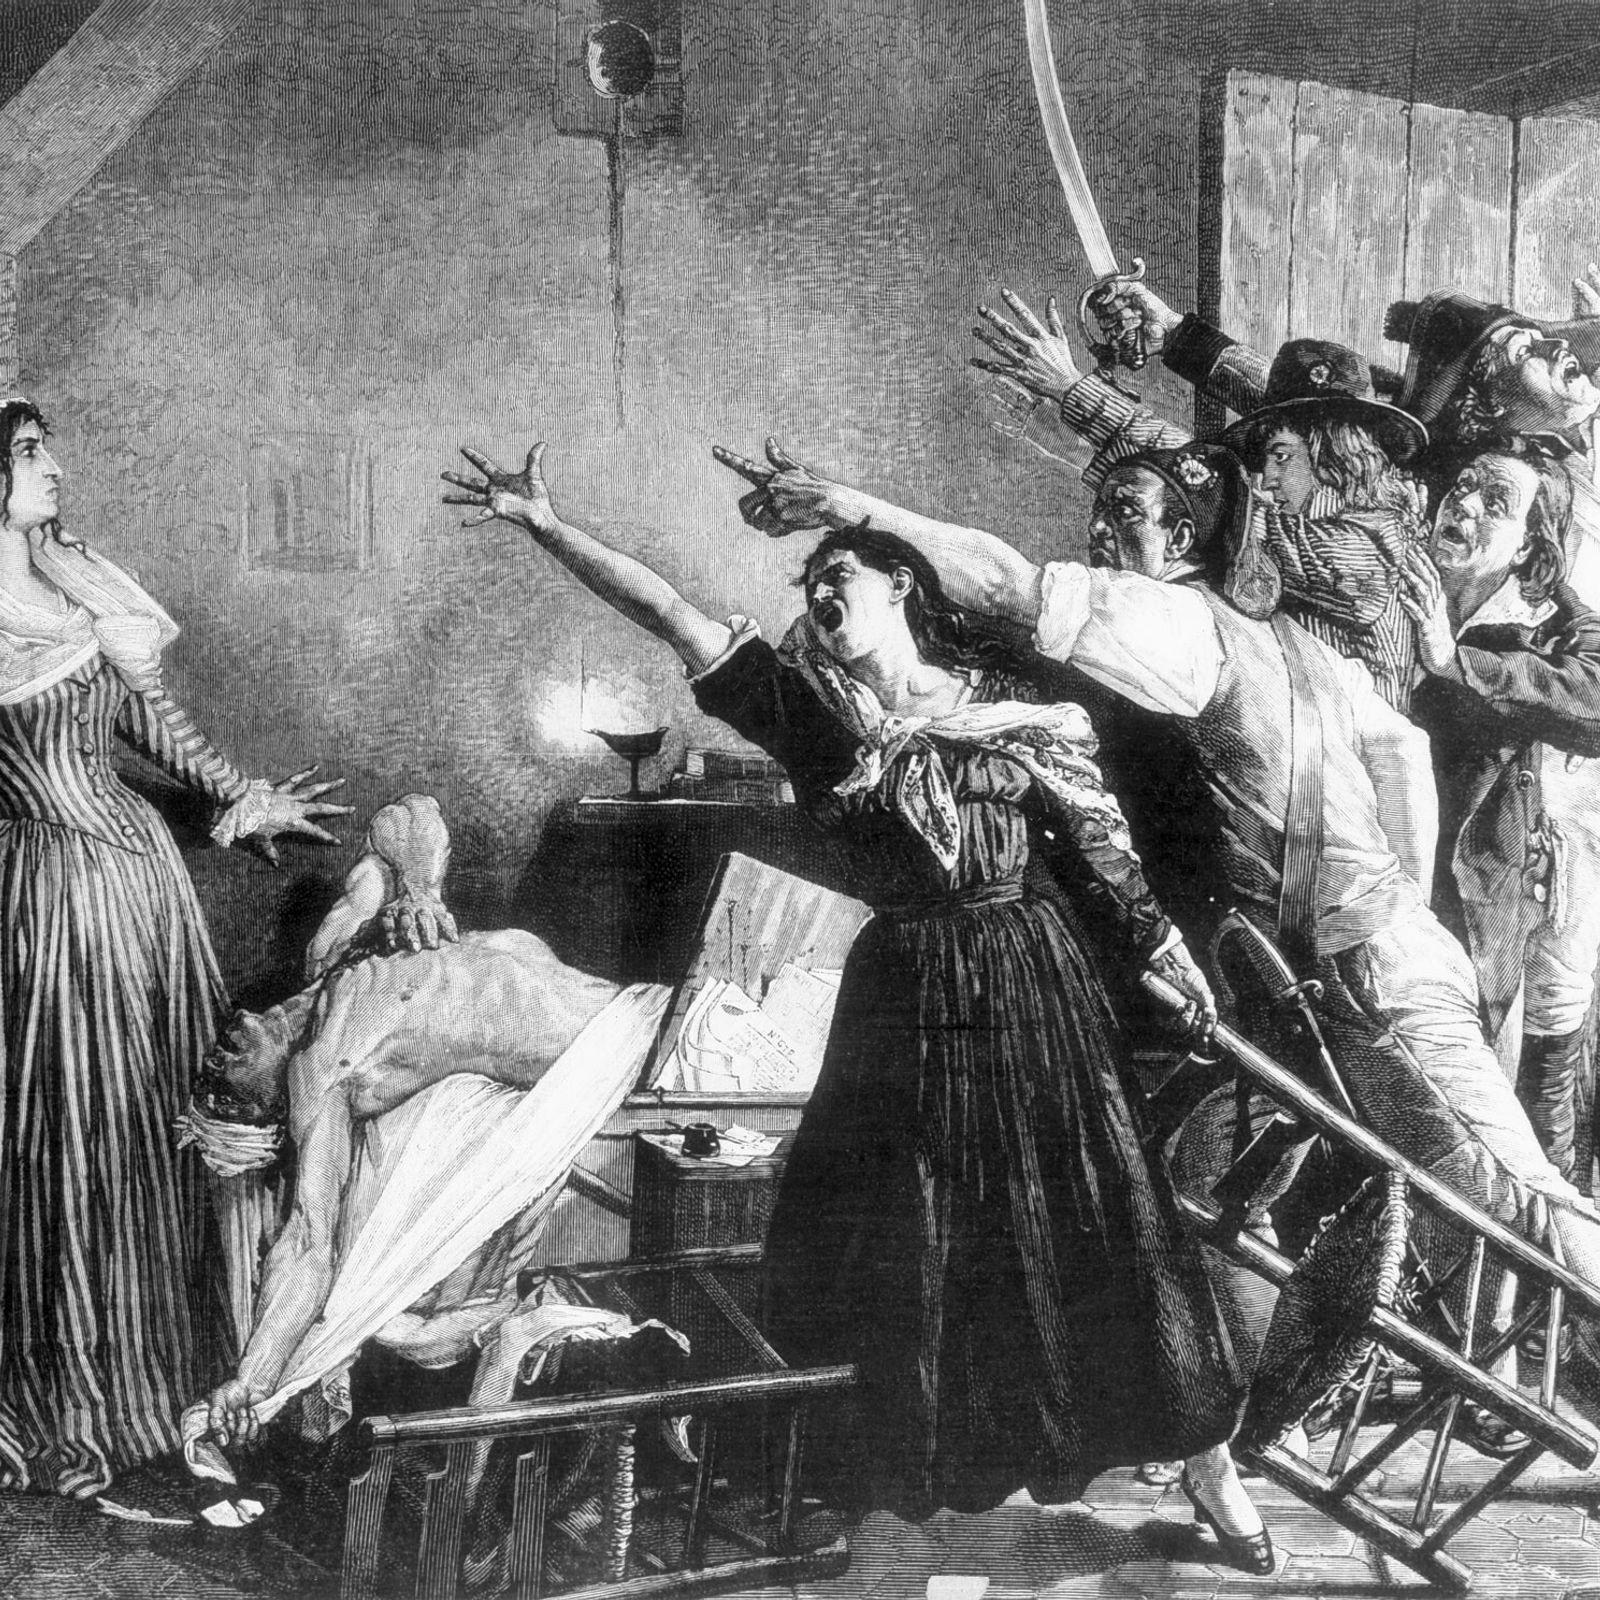 Diese Darstellung aus dem 19. Jahrhundert zeigt den Moment, nachdem der französische Revolutionär Jean-Paul Marat in ...